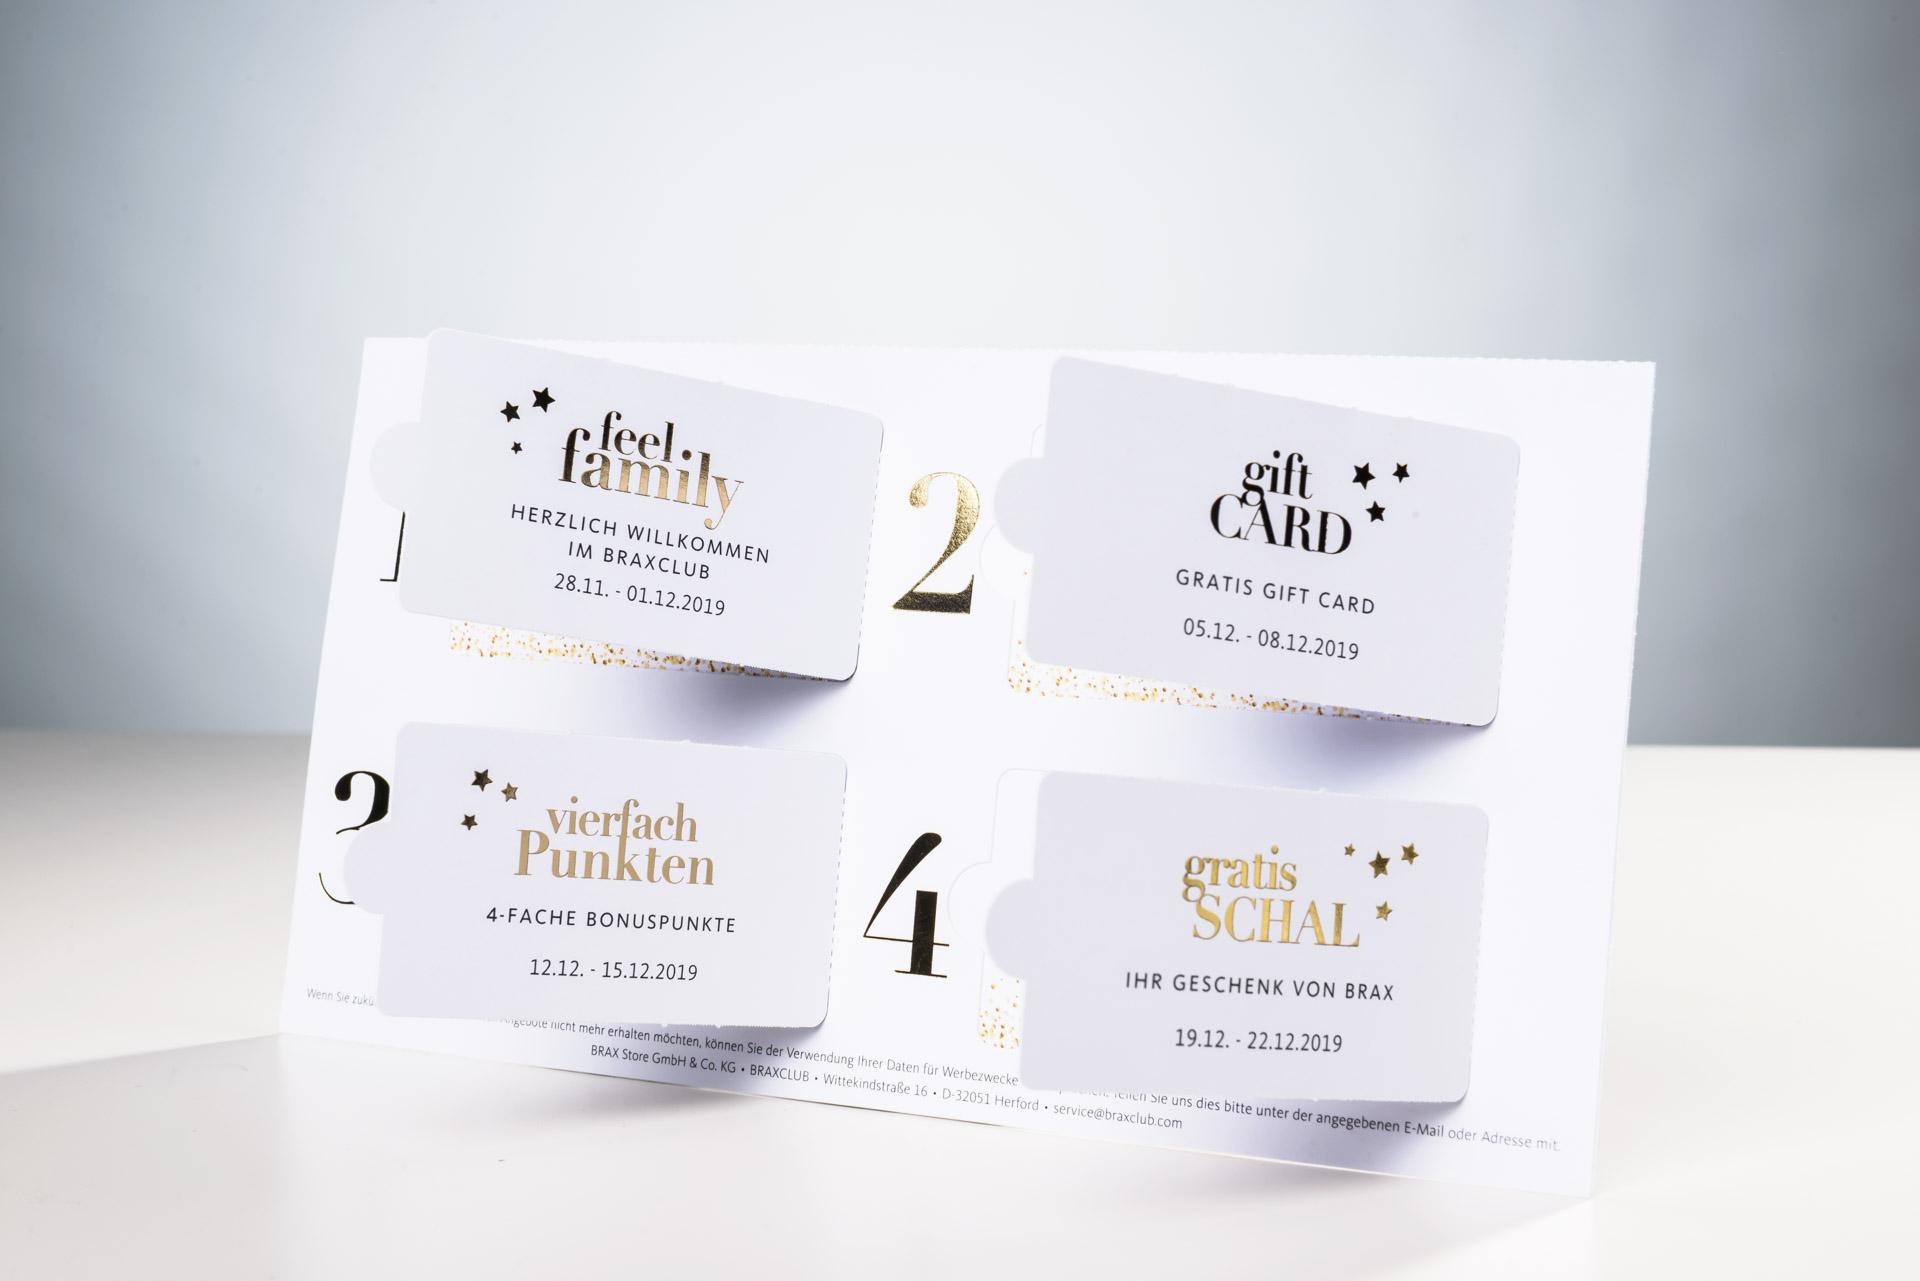 TwinCard Brax mit vier Kläppchen und Goldfolien-Veredelung